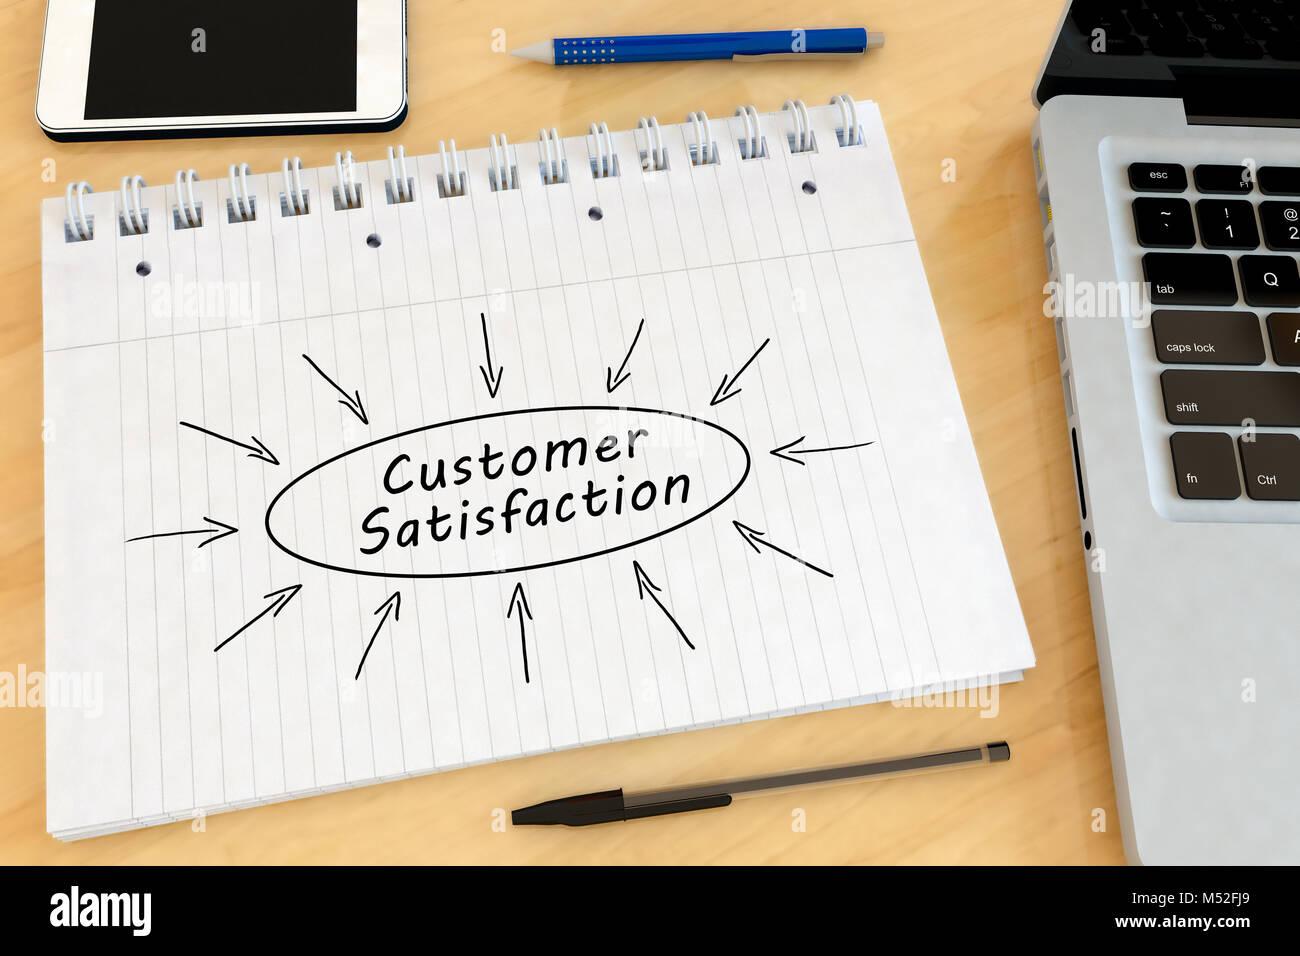 Satisfacción del cliente concepto de texto Imagen De Stock